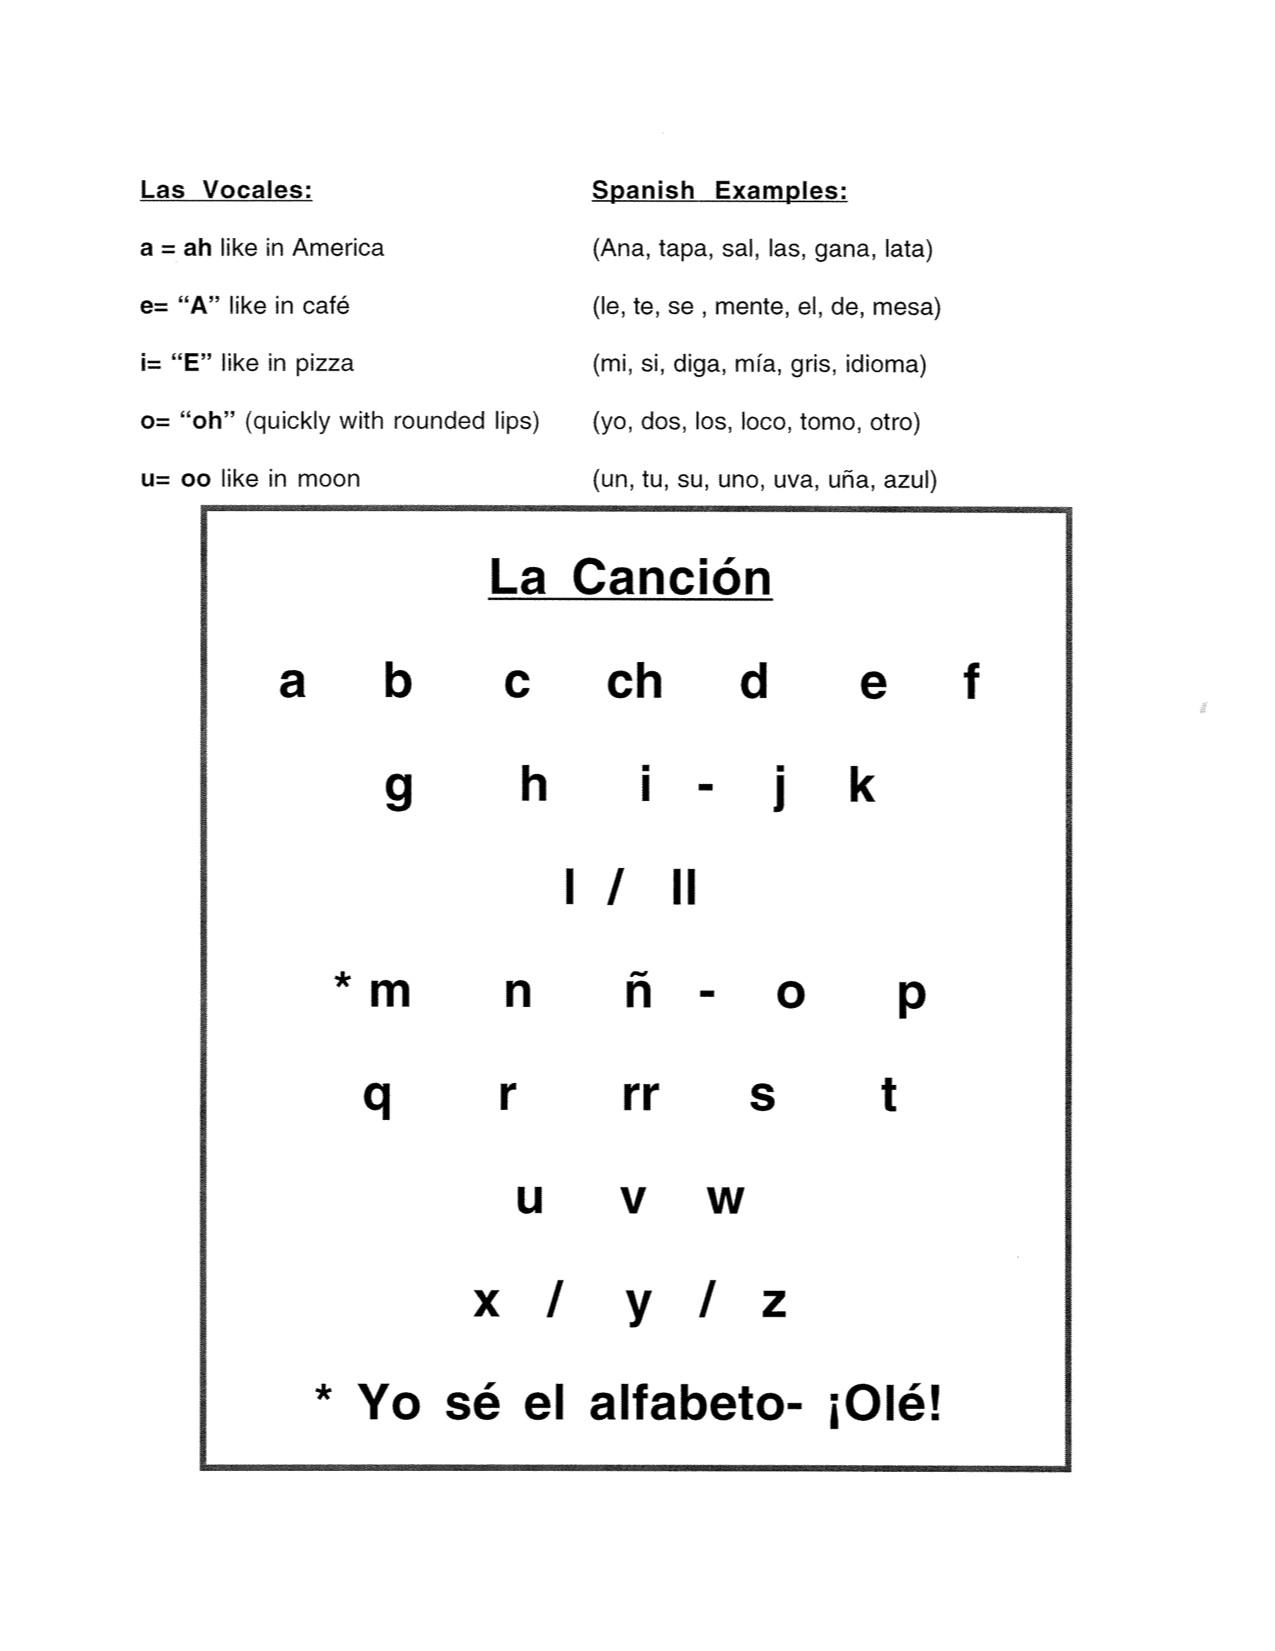 Ober, Sra. V. (Spanish 1-4) / The Spanish Alphabet